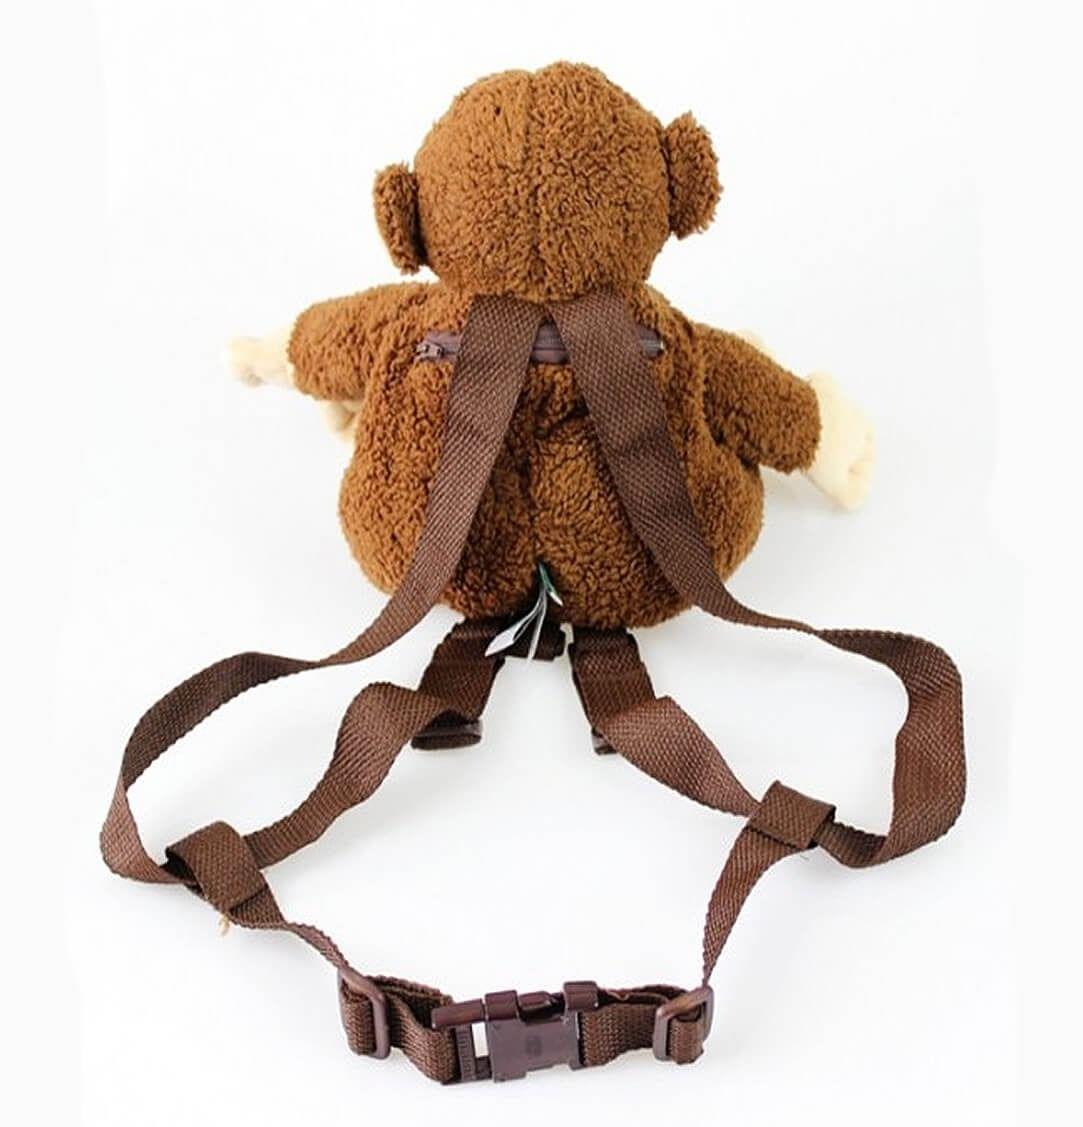 Mochila Coleira Infantil Guia De Segurança Pelúcia - Macaco